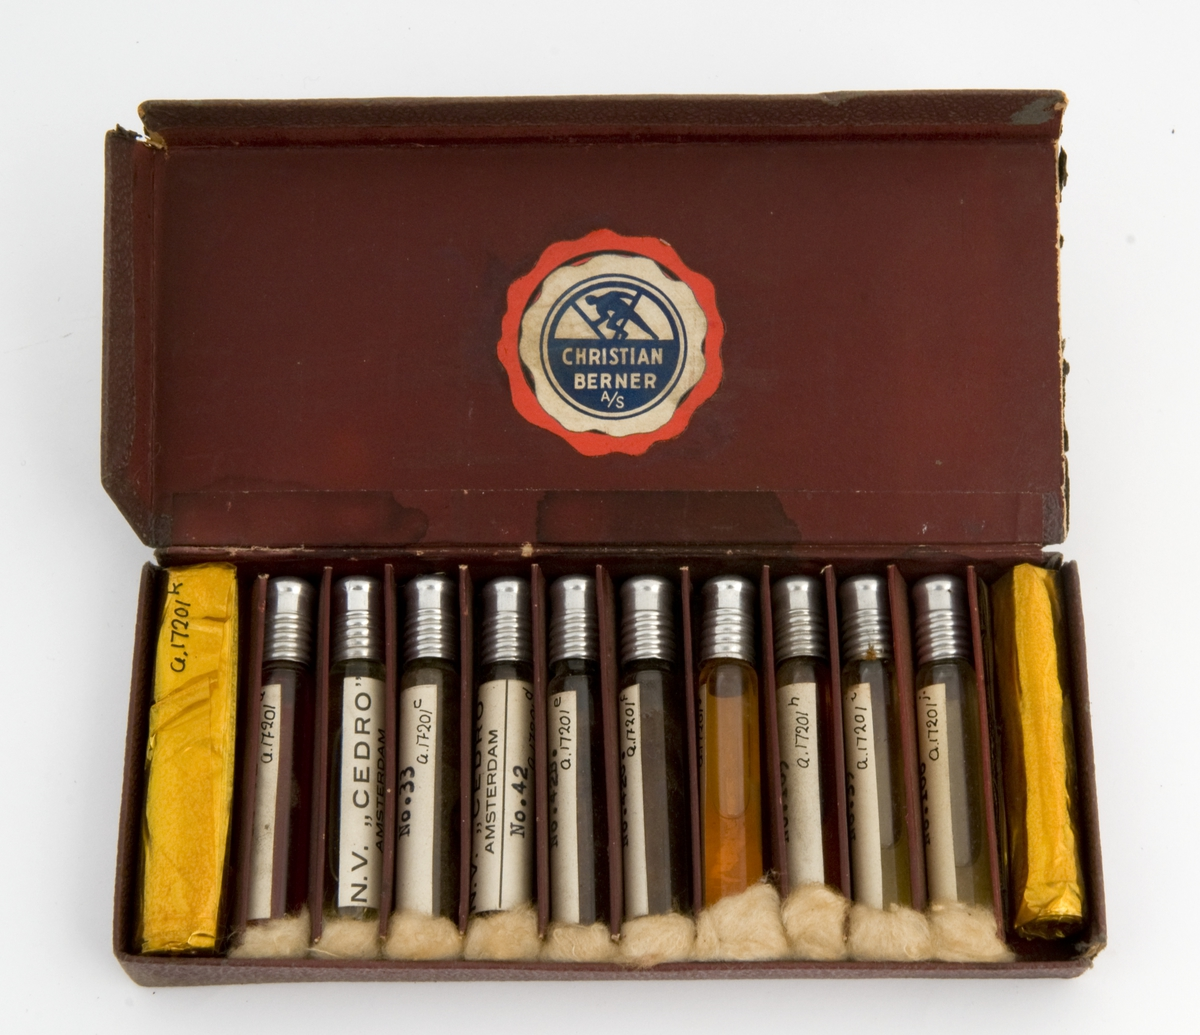 Medisineske av papp trukket med burgunder skinnimitert papir. Inneholder10 glassampuller med essenser og to ruller med gullfarget cellofan.